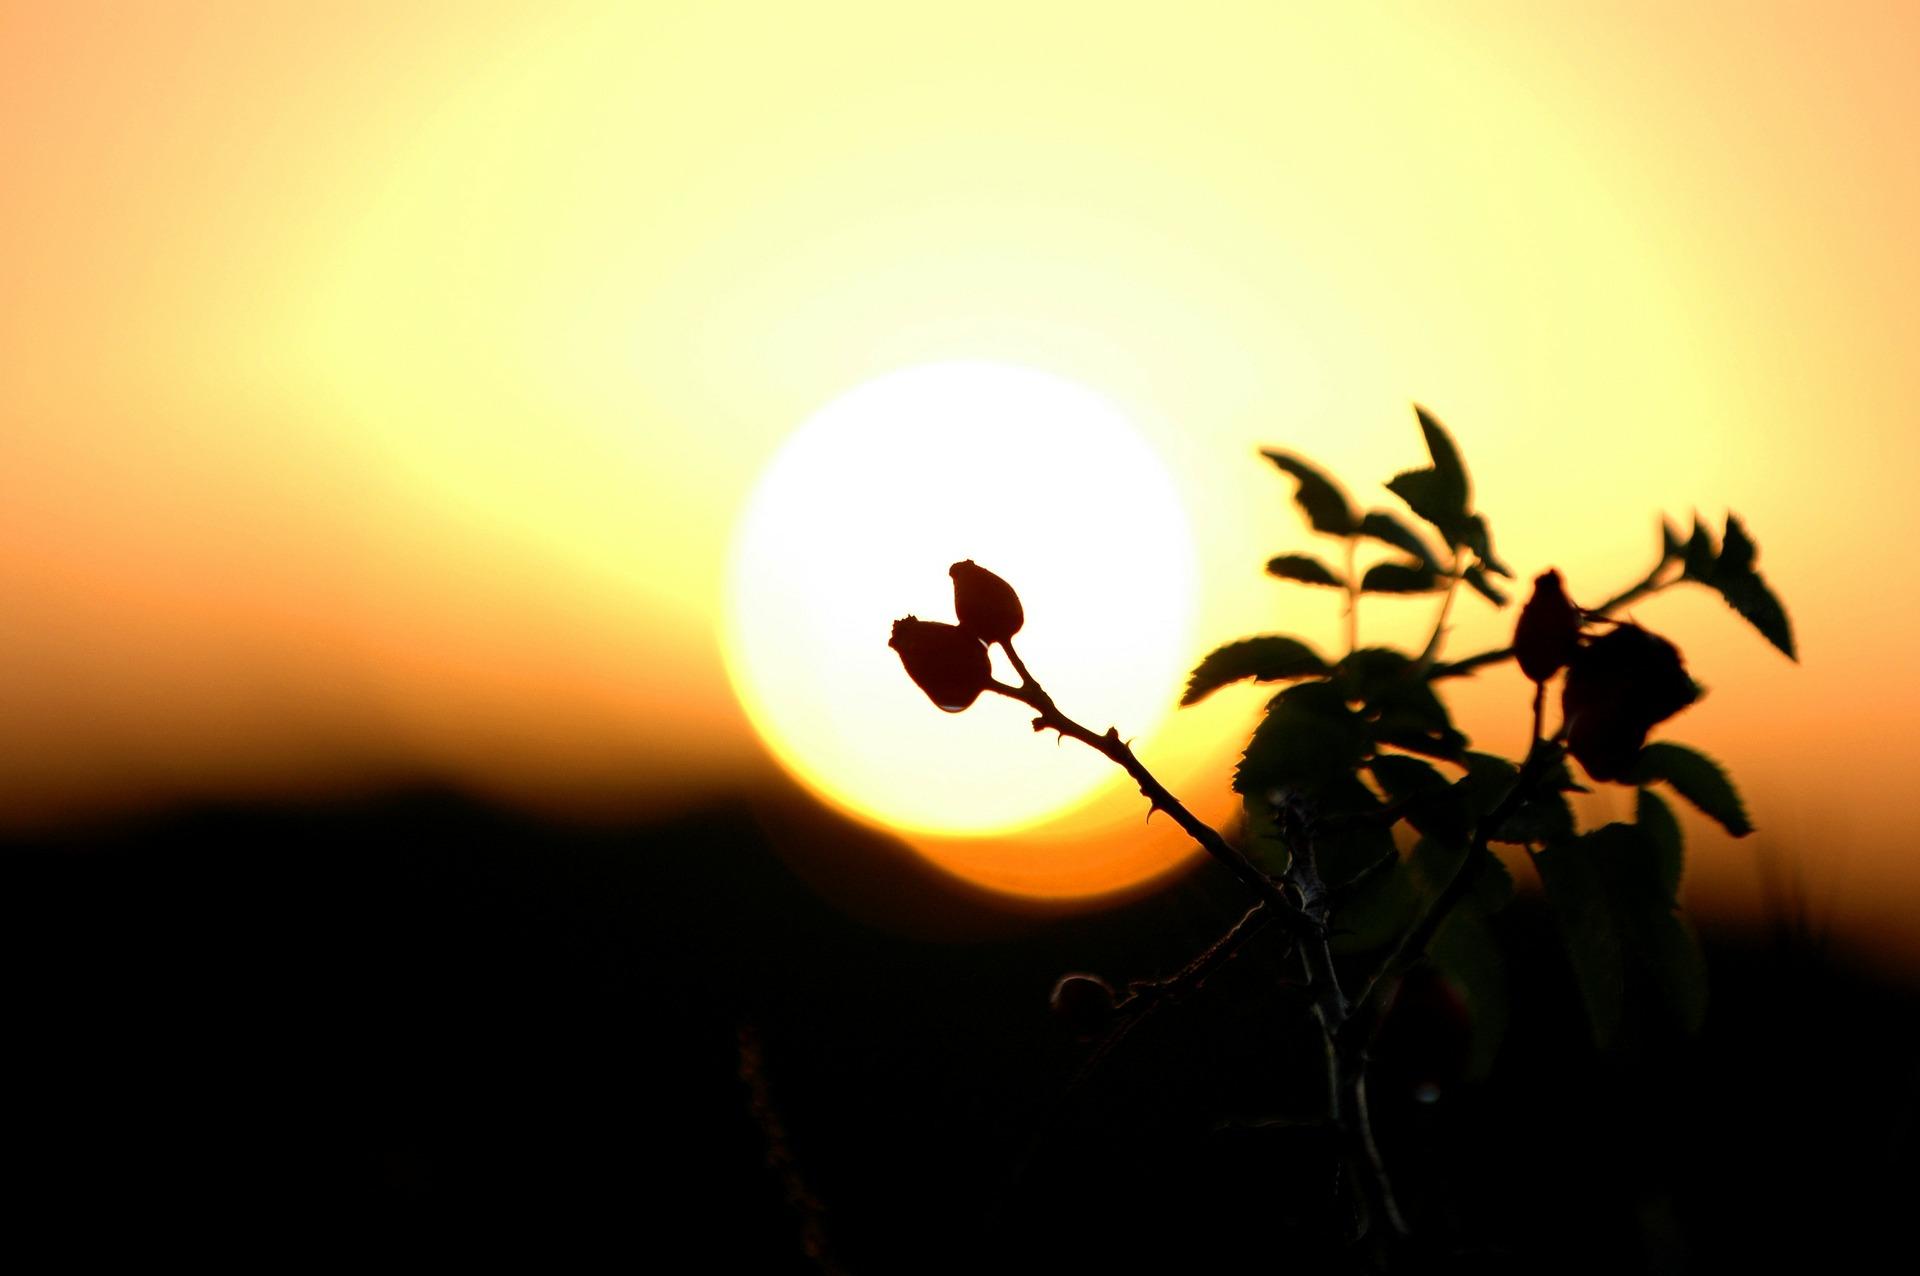 """Sunshine (Image by <a href=""""https://pixabay.com/users/minder-23683/?utm_source=link-attribution&amp;utm_medium=referral&amp;utm_campaign=image&amp;utm_content=86291"""">minder</a> from <a href=""""https://pixabay.com/?utm_source=link-attribution&amp;utm_medium=referral&amp;utm_campaign=image&amp;utm_content=86291"""">Pixabay</a>"""